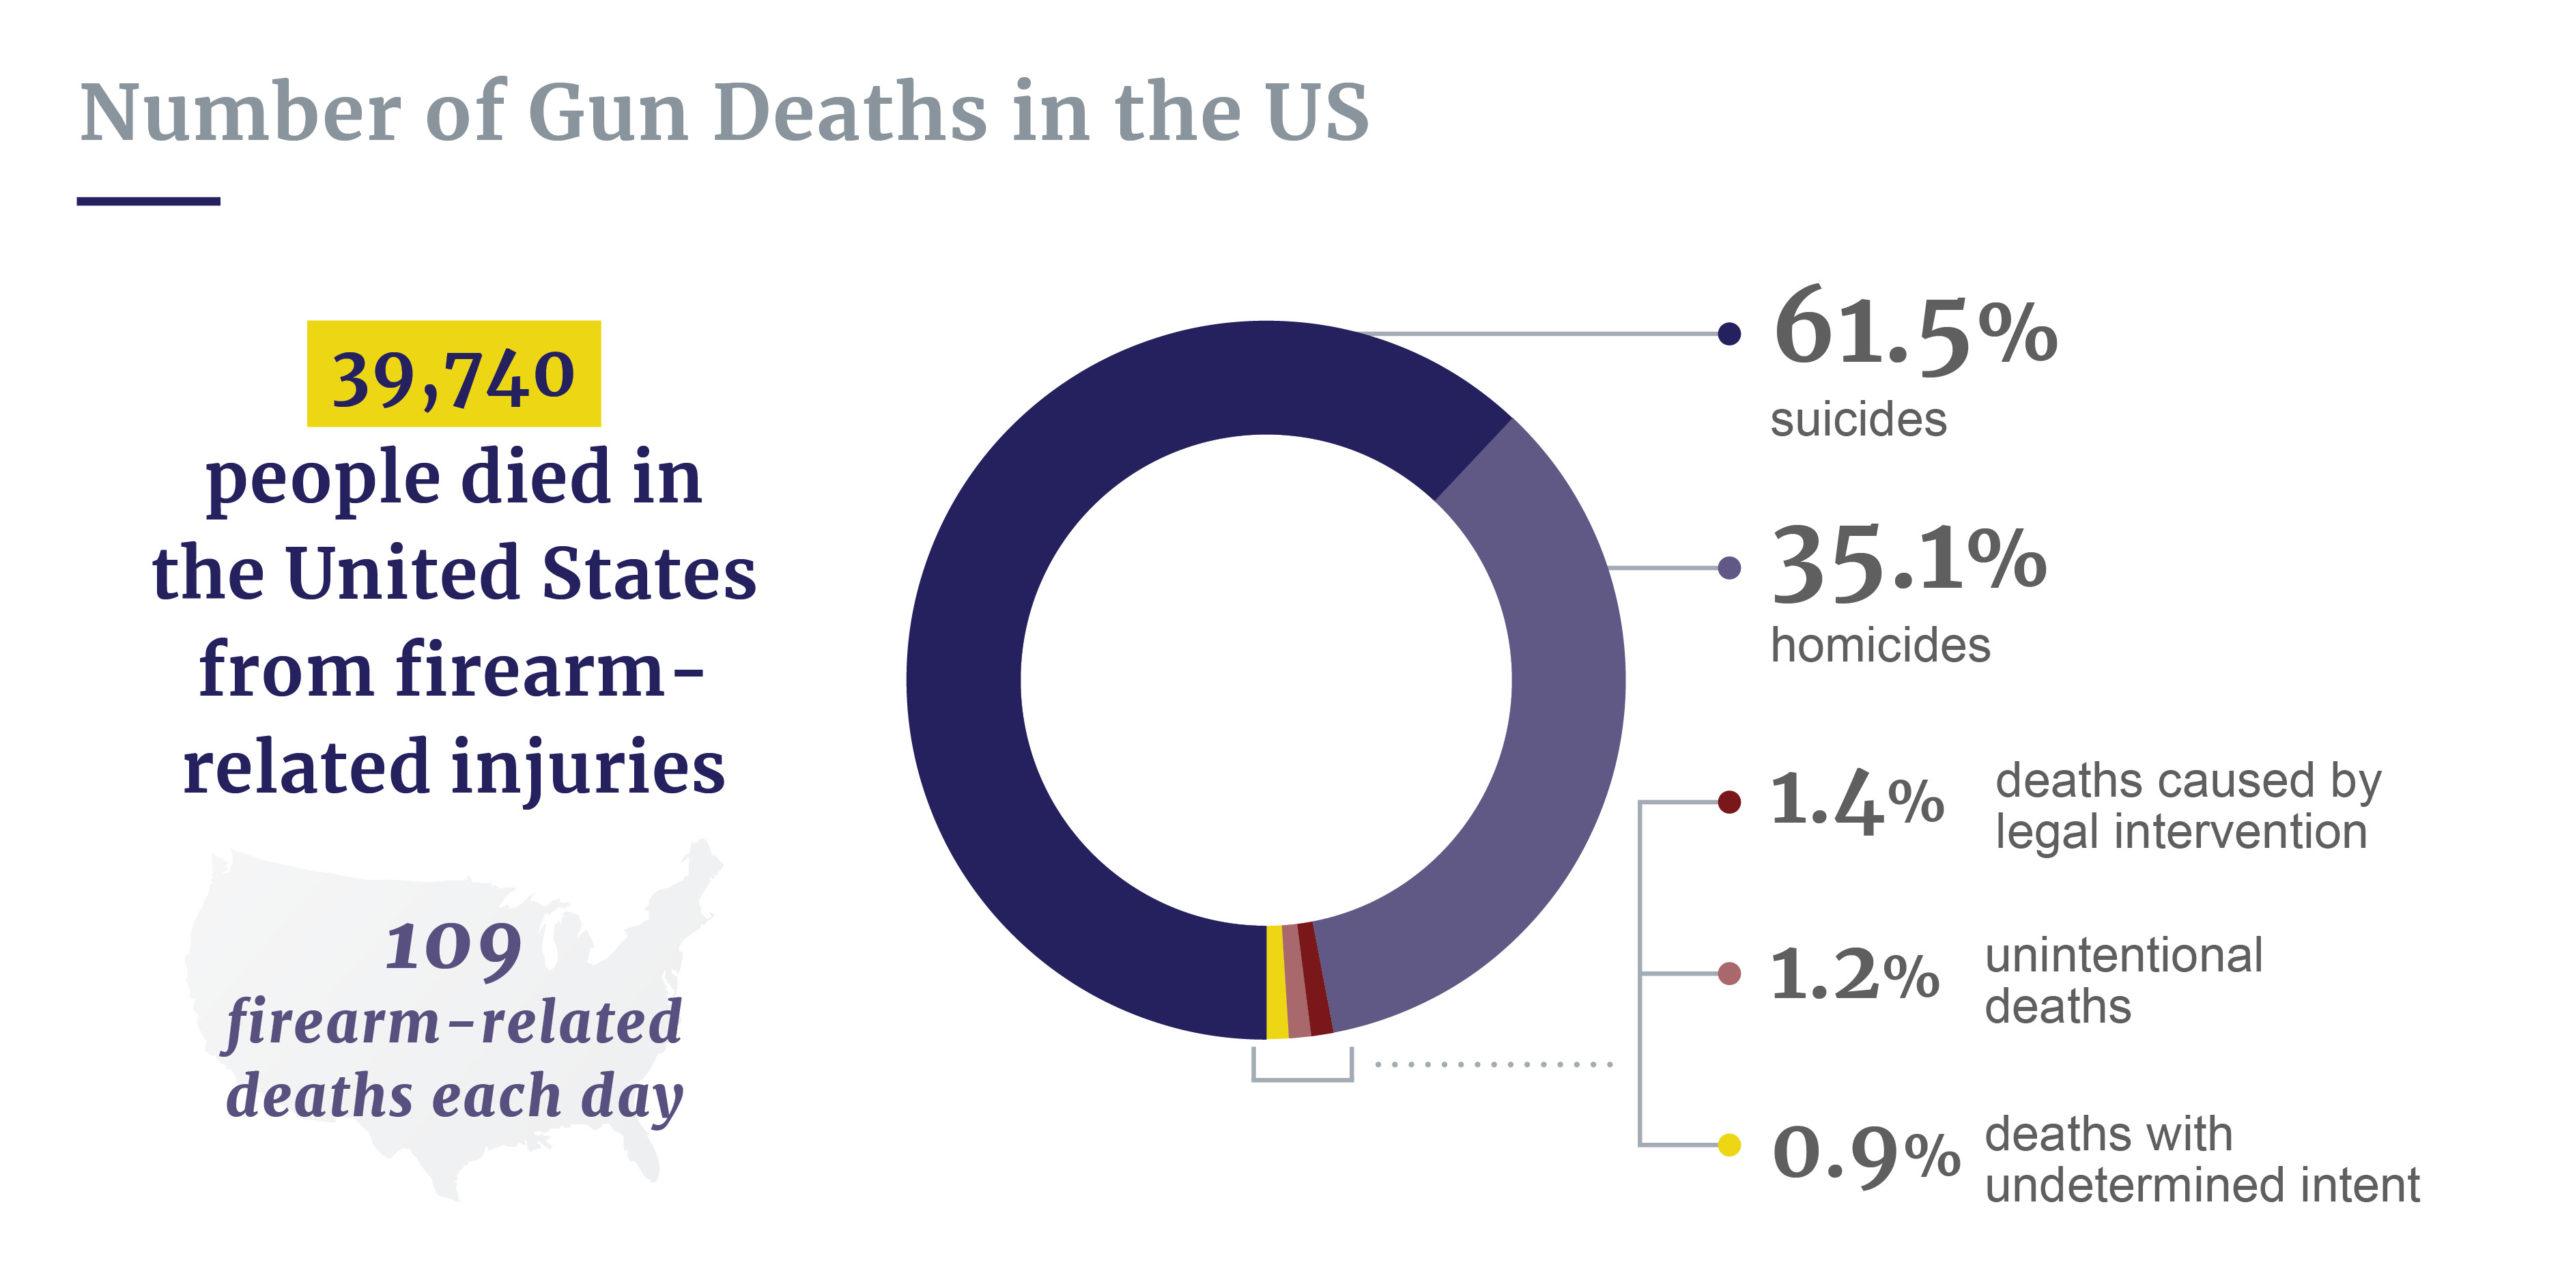 Gun deaths in the U.S.